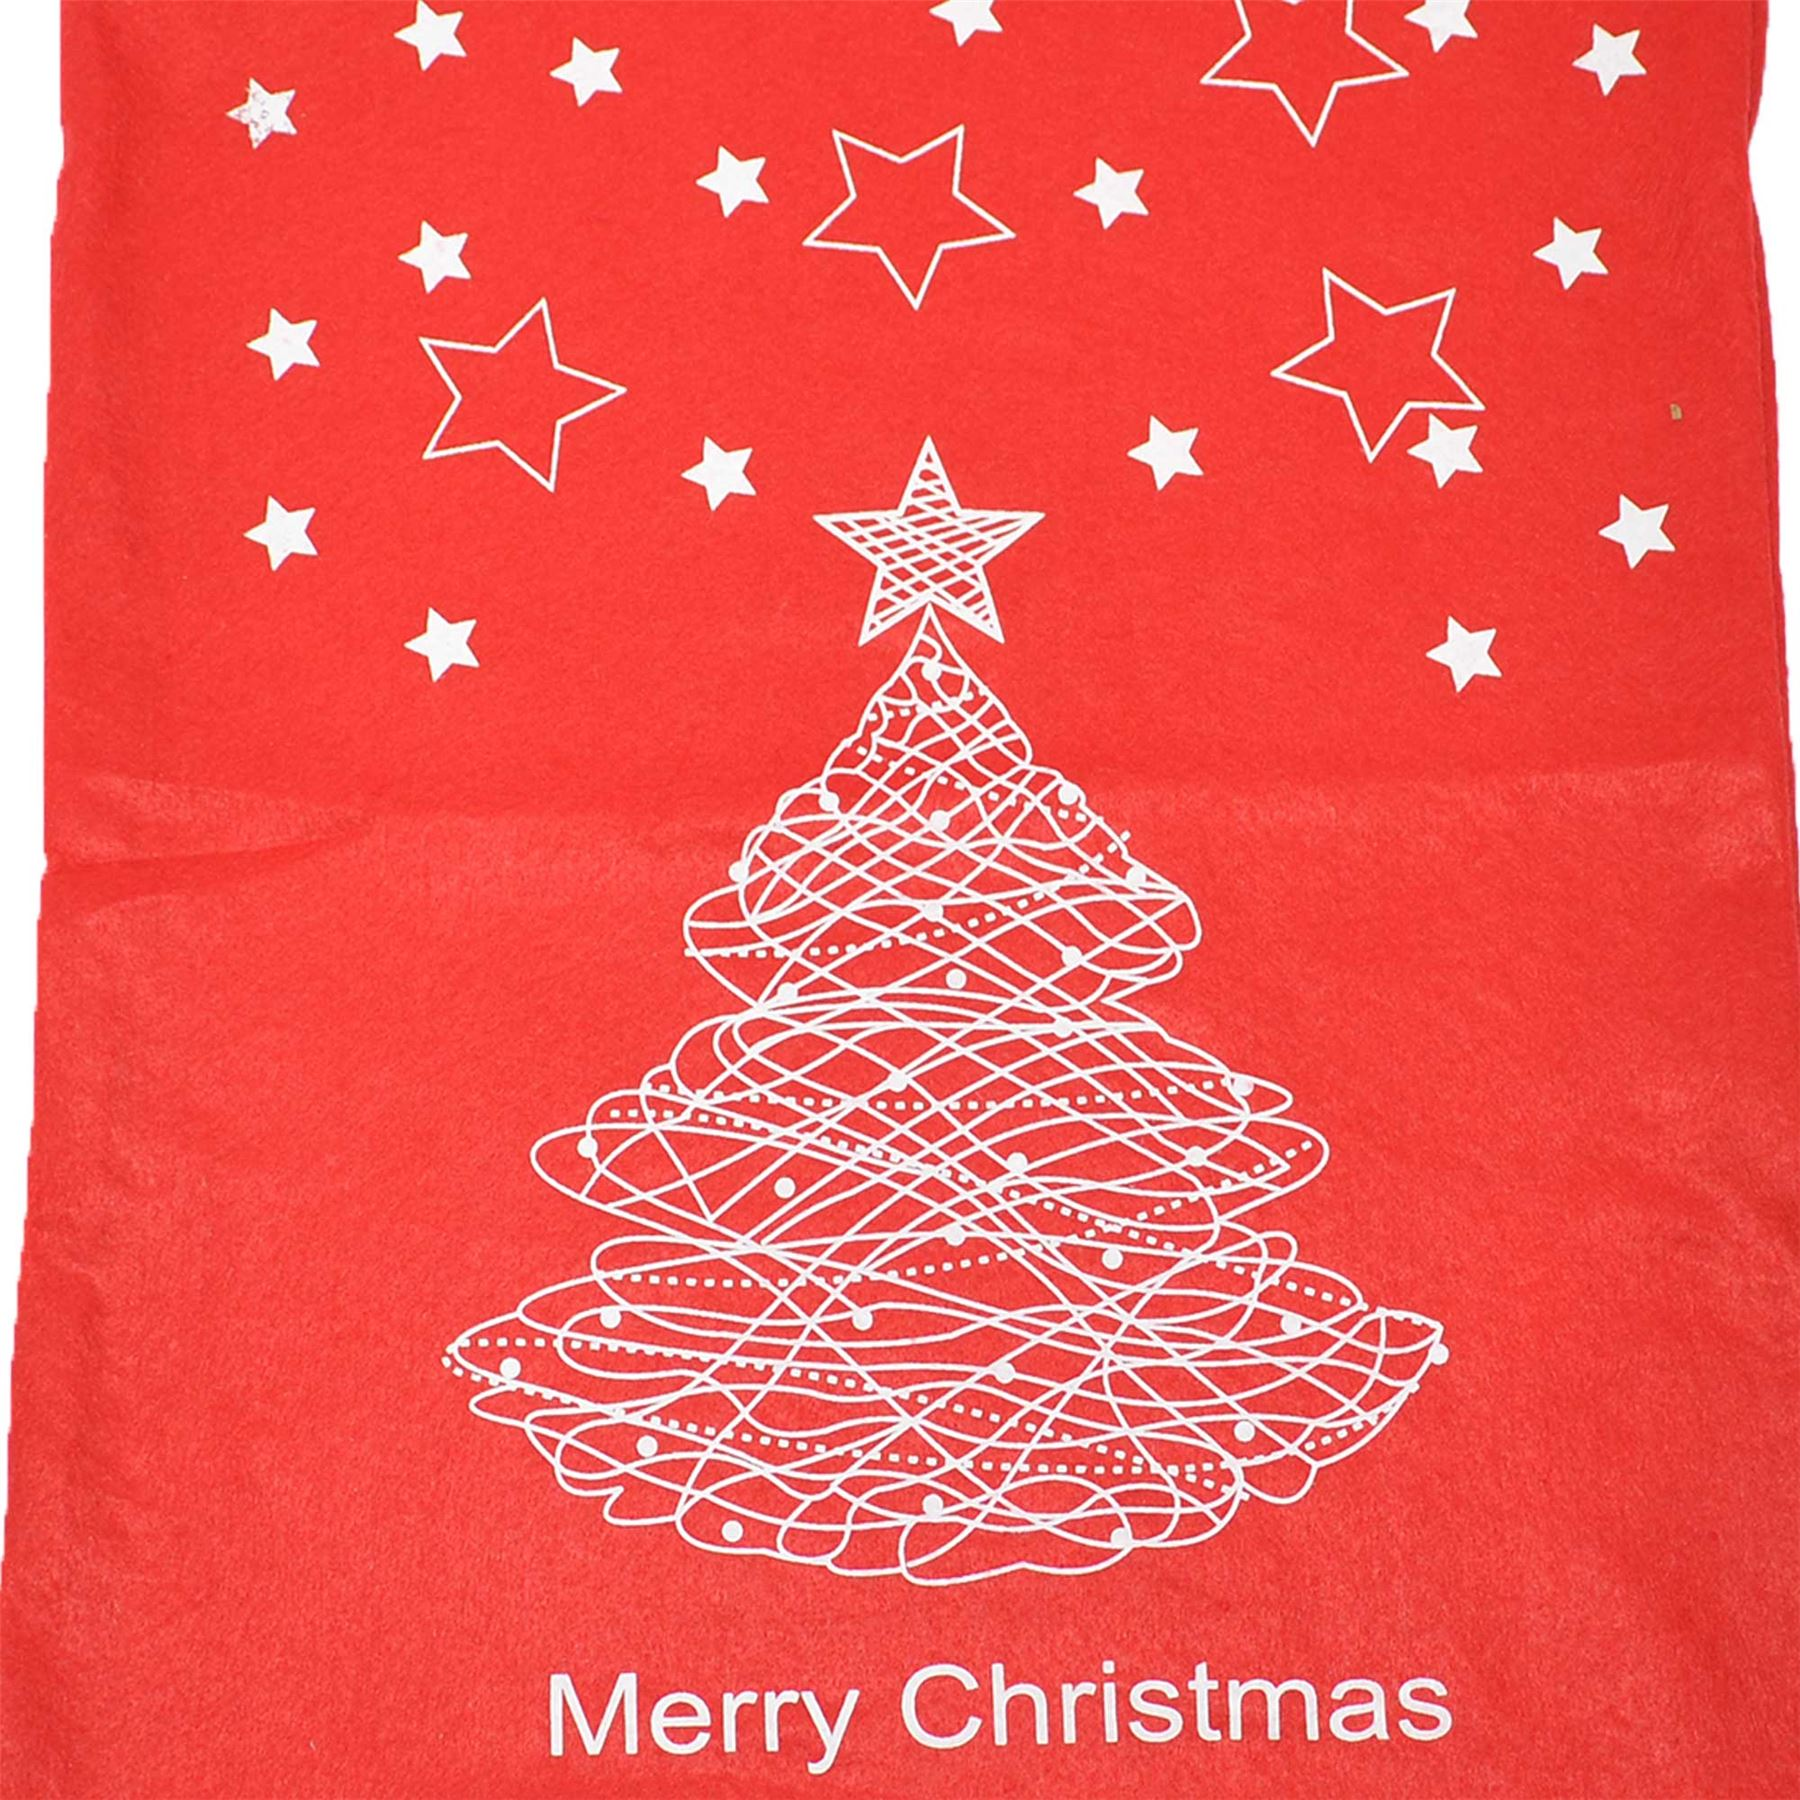 Feltro-Rosso-Buon-Natale-Babbo-Natale-Sacco-Grande-Calza-Natale-Regali-Regalo-Borse miniatura 5